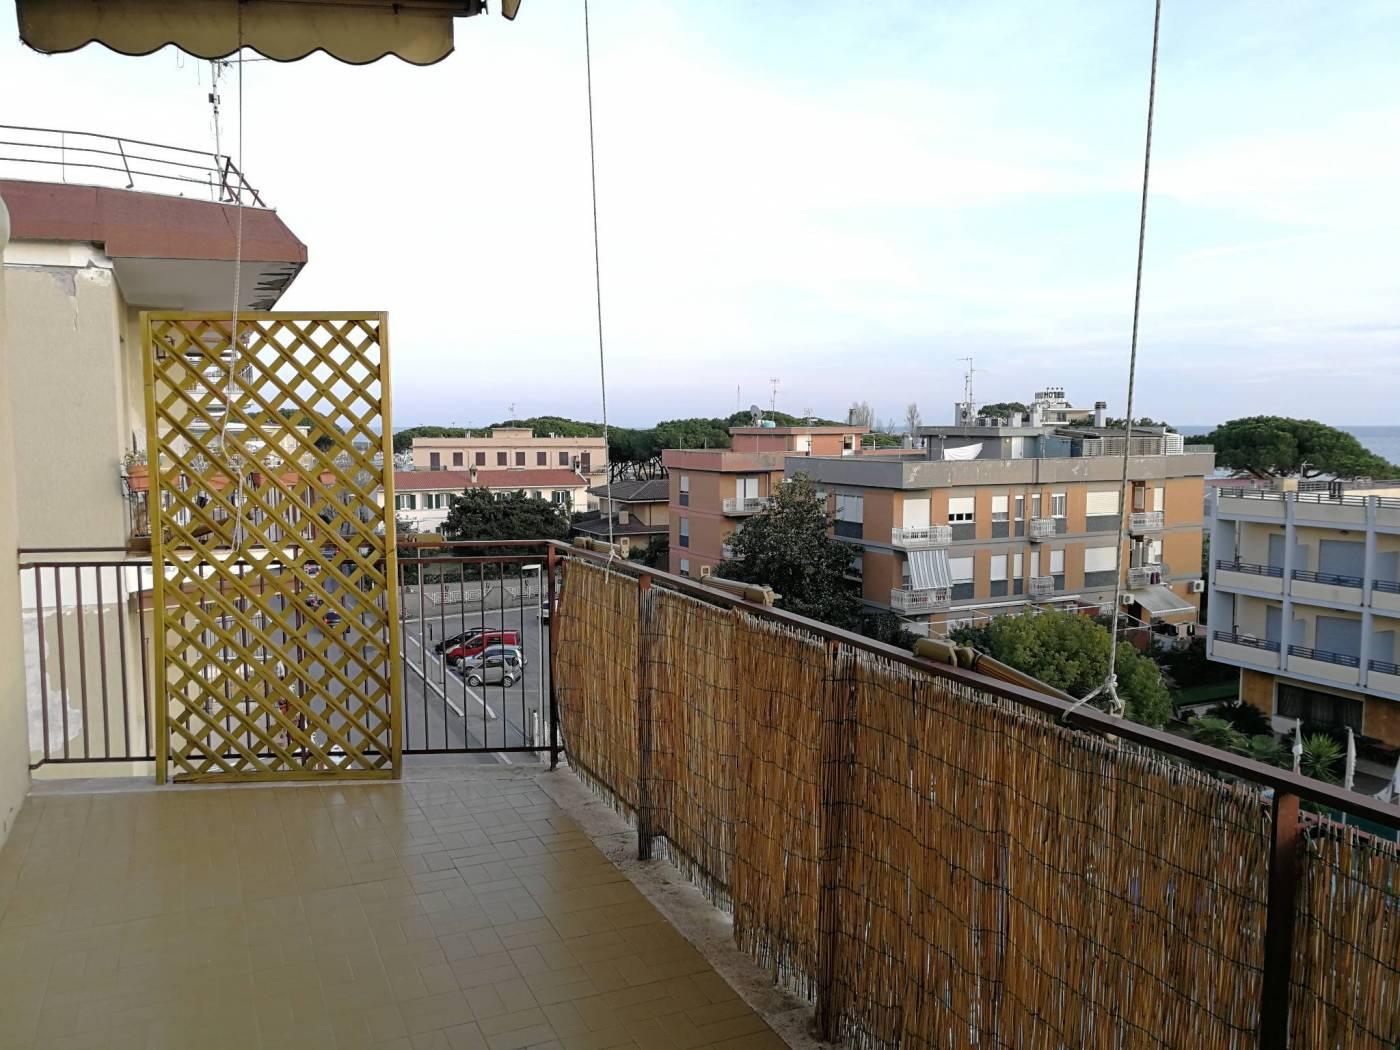 Appartamento in vendita a Terracina, 4 locali, zona Località: centro, Trattative riservate | CambioCasa.it